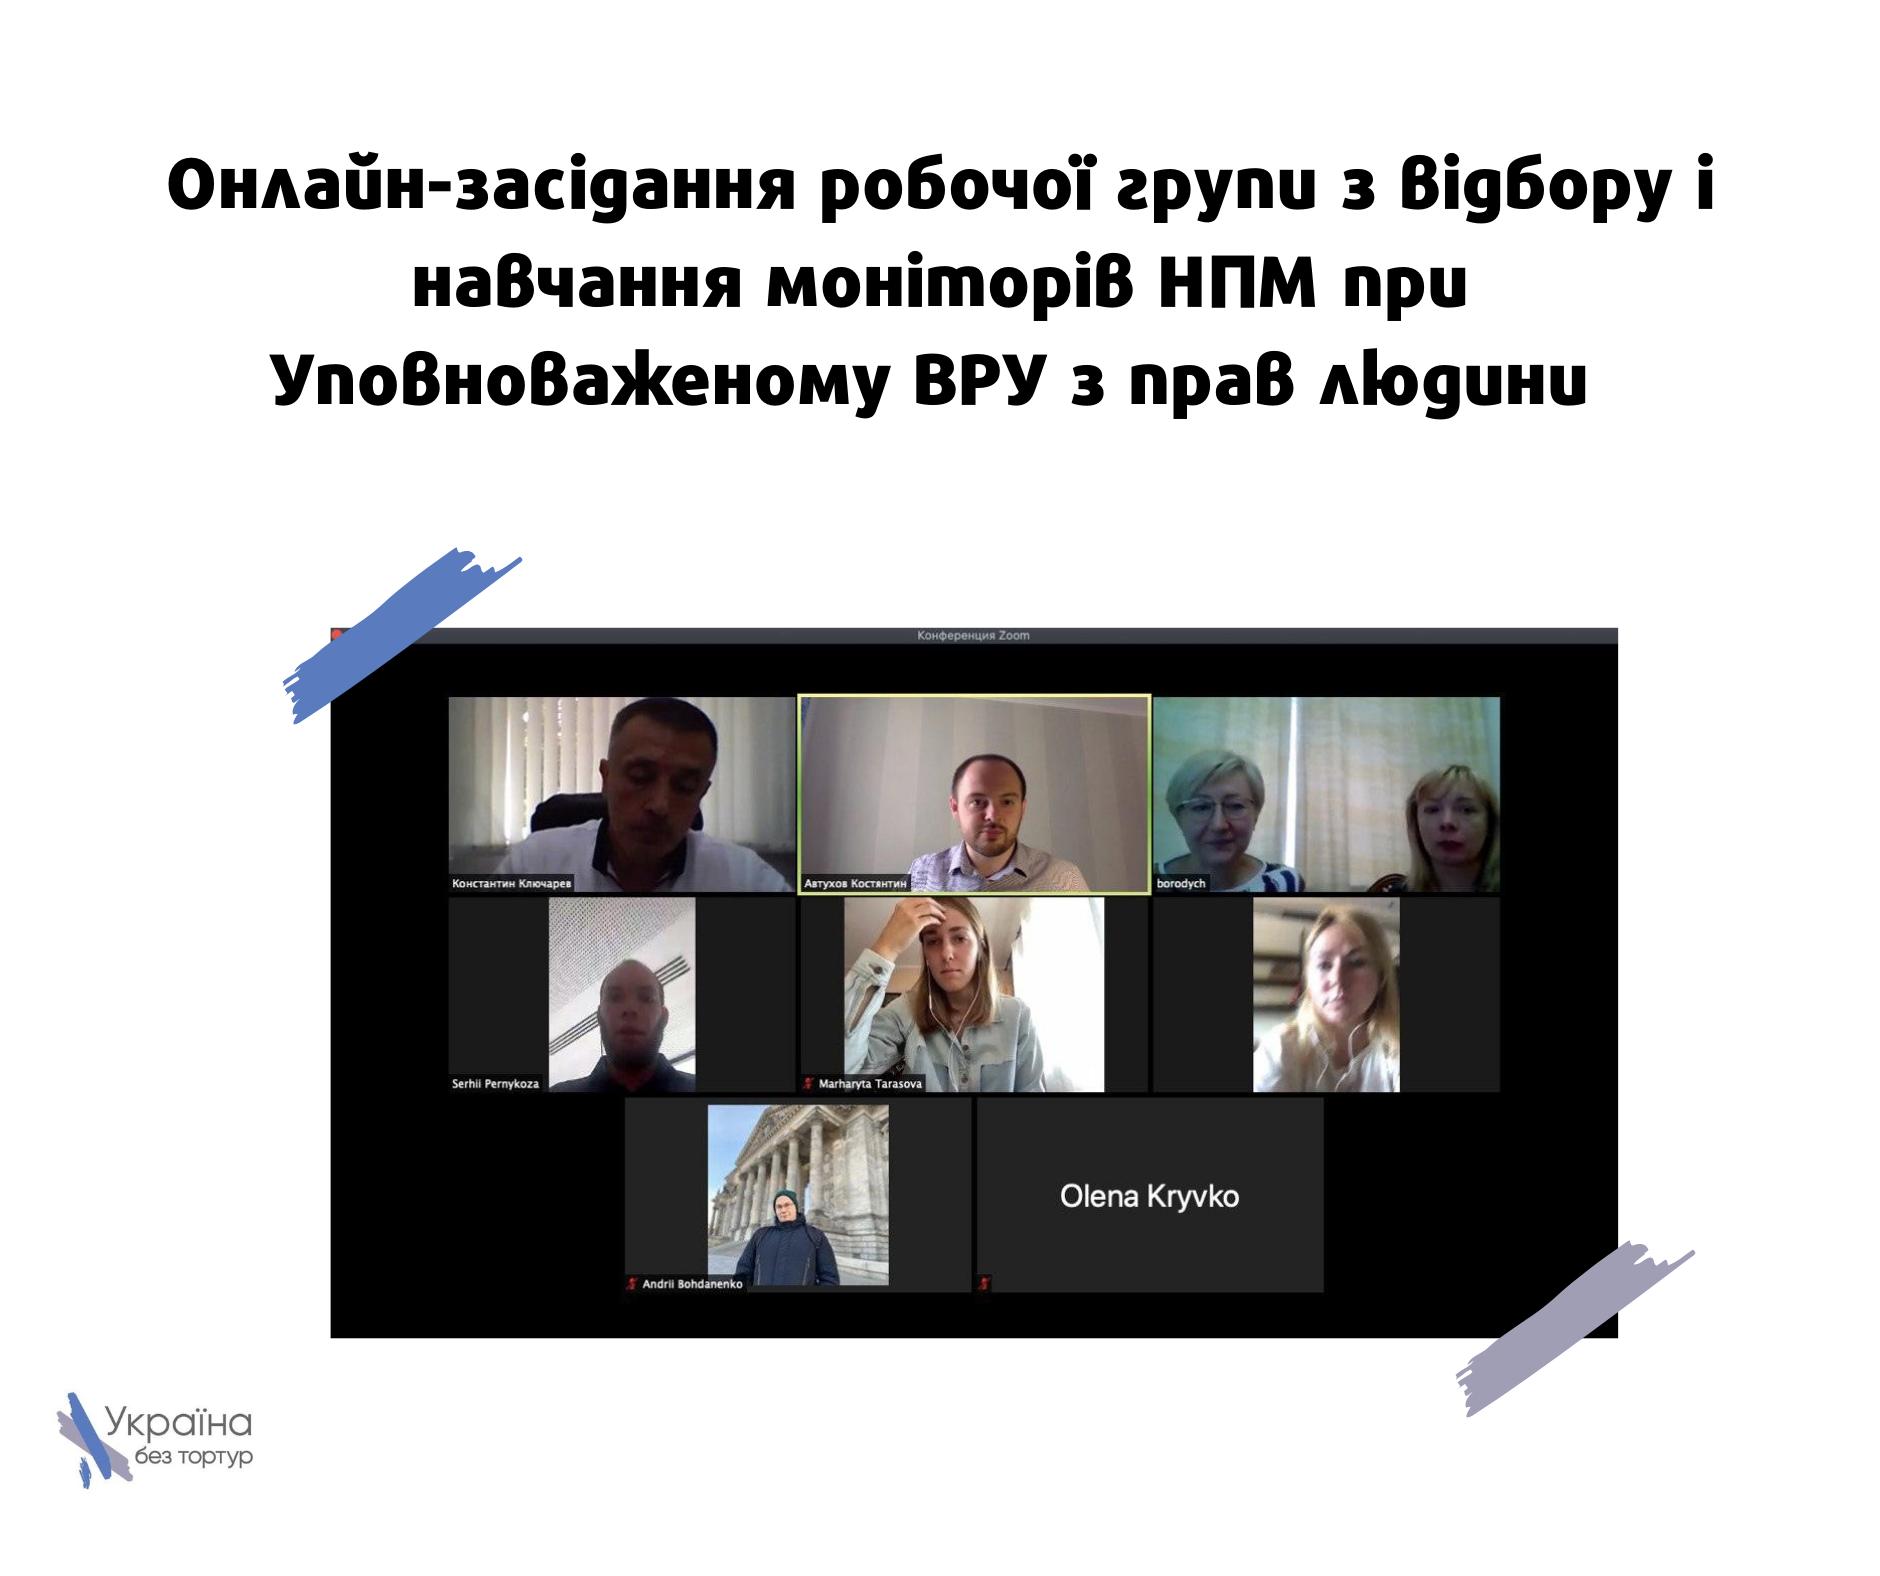 Онлайн-засідання робочої групи з відбору і навчання моніторів НПМ